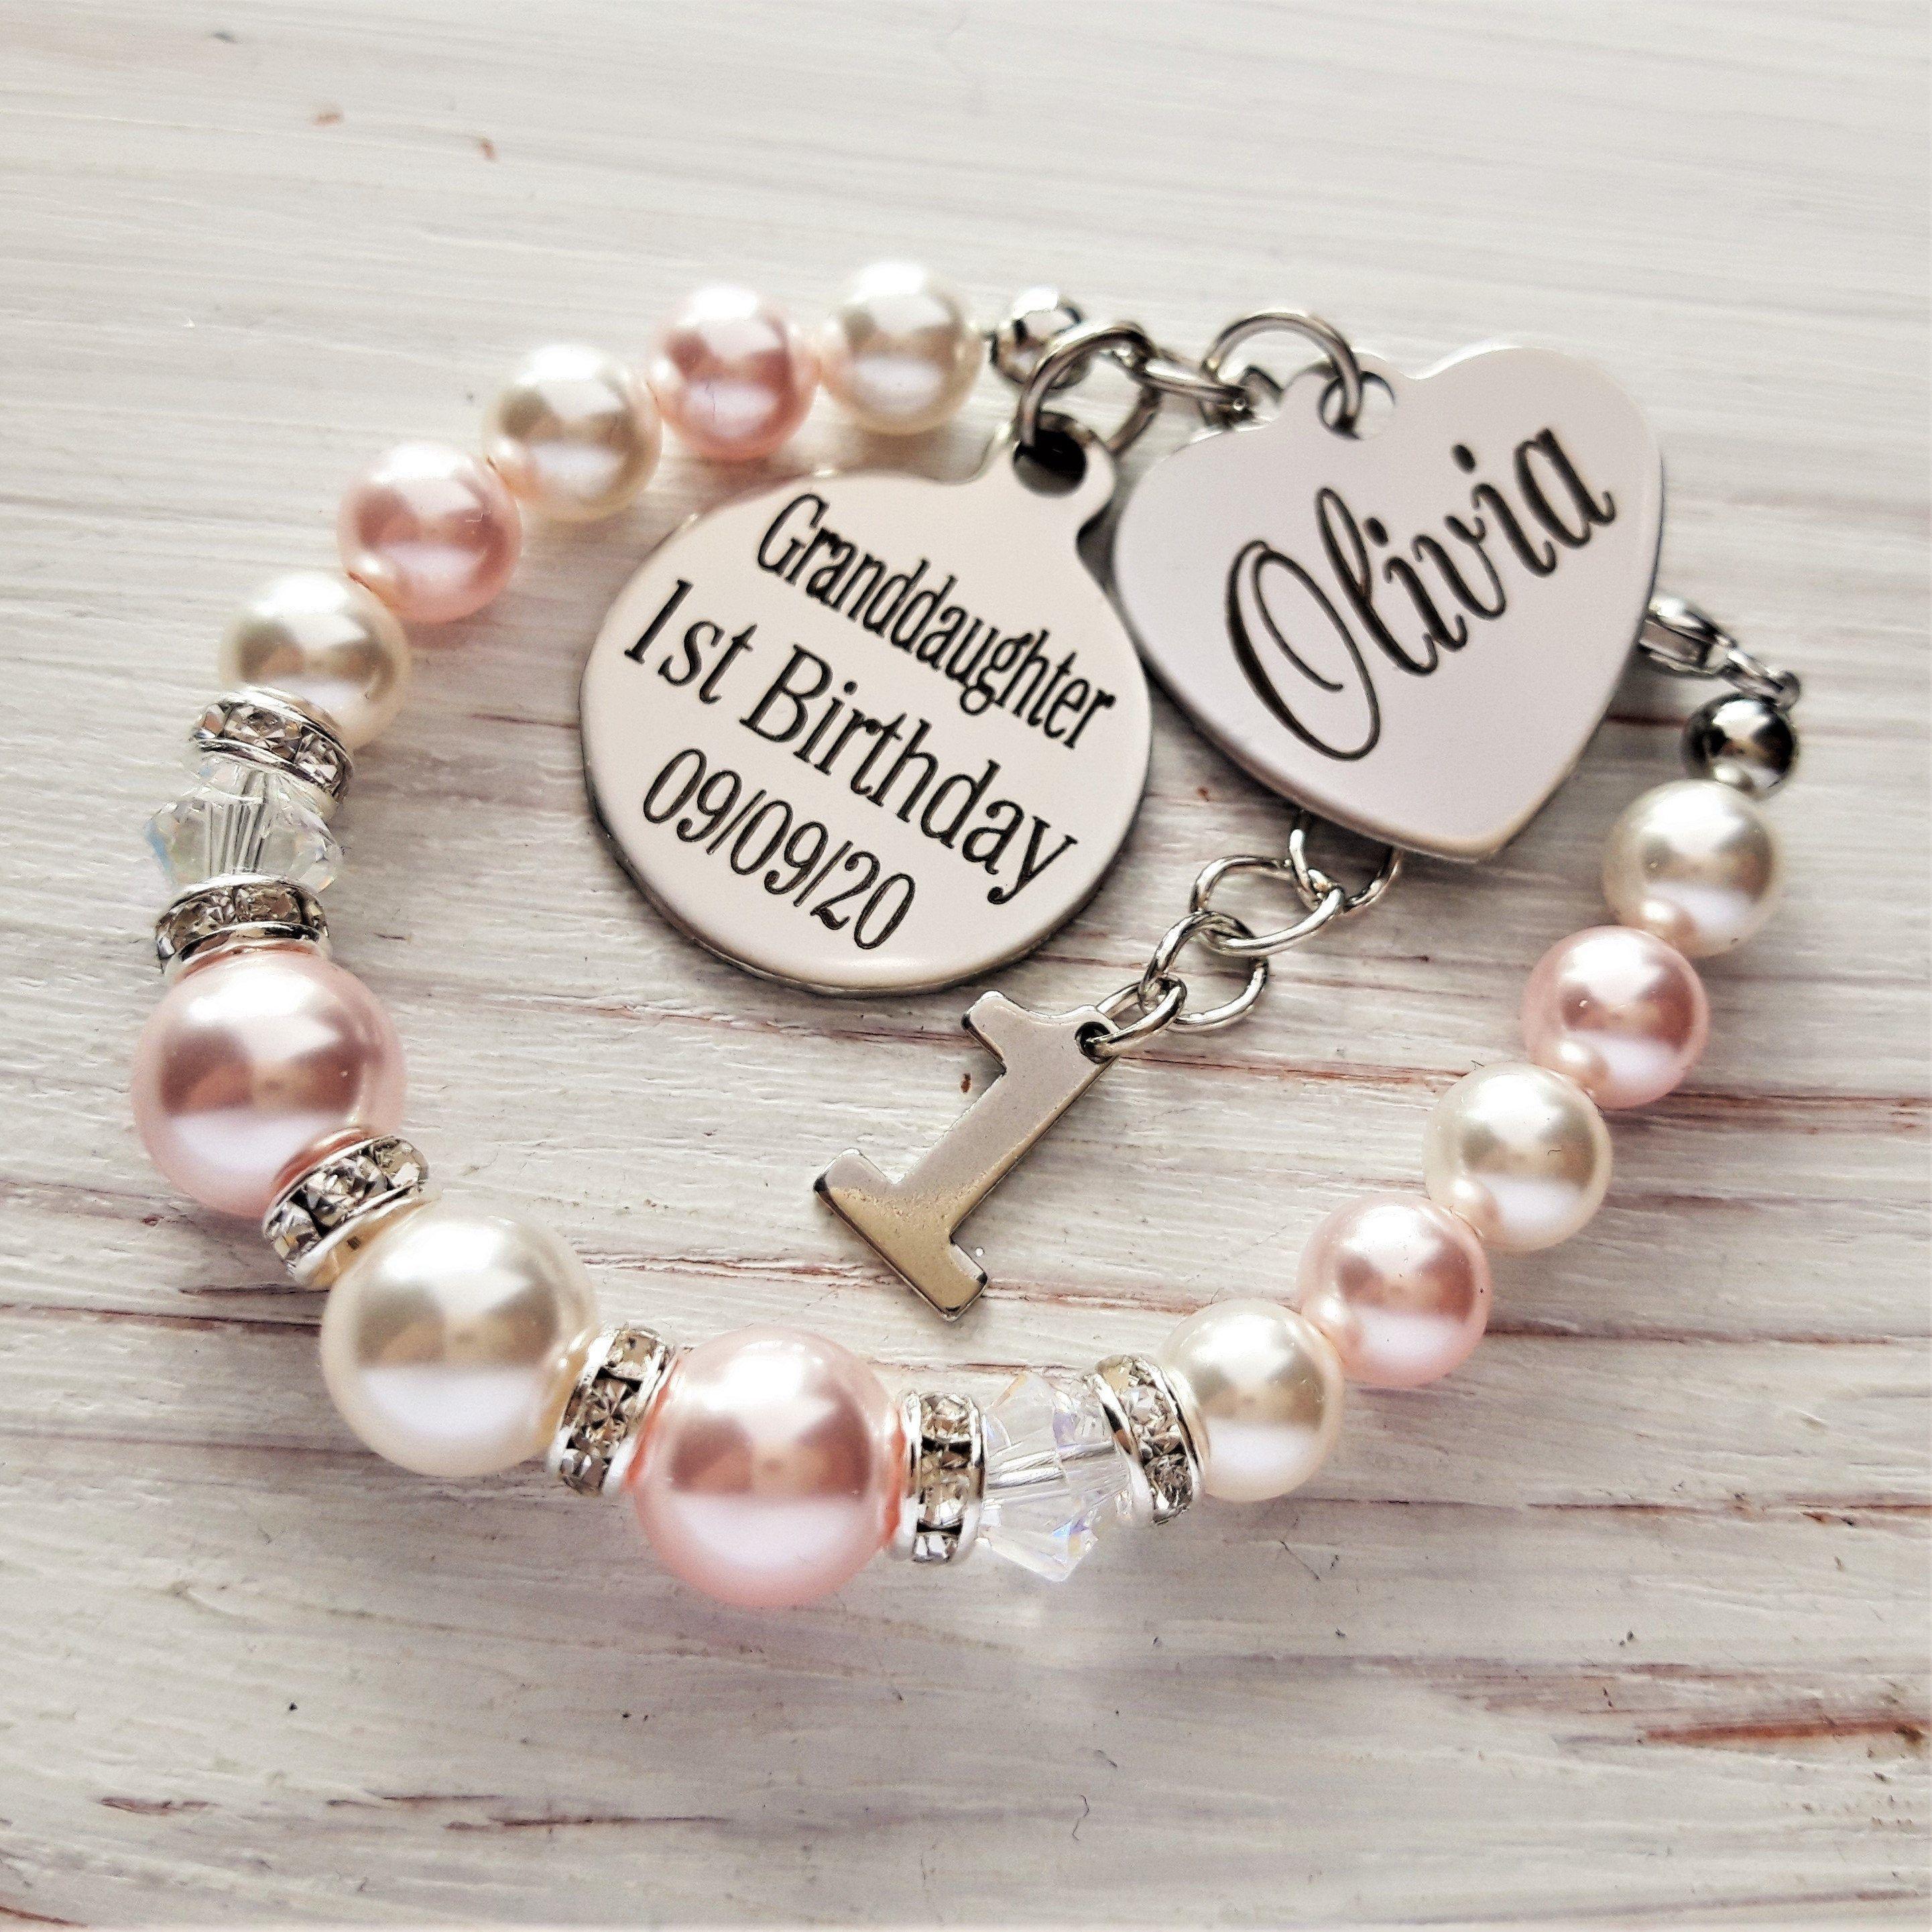 1st Birthday Gift For Granddaughter Personalized Bracelet 1st Birthday Bracelet Baby S 1st Birthday Granddaughter 1st Birhday Jewelry 1st Birthday Gifts Birthday Bracelet First Birthday Gifts